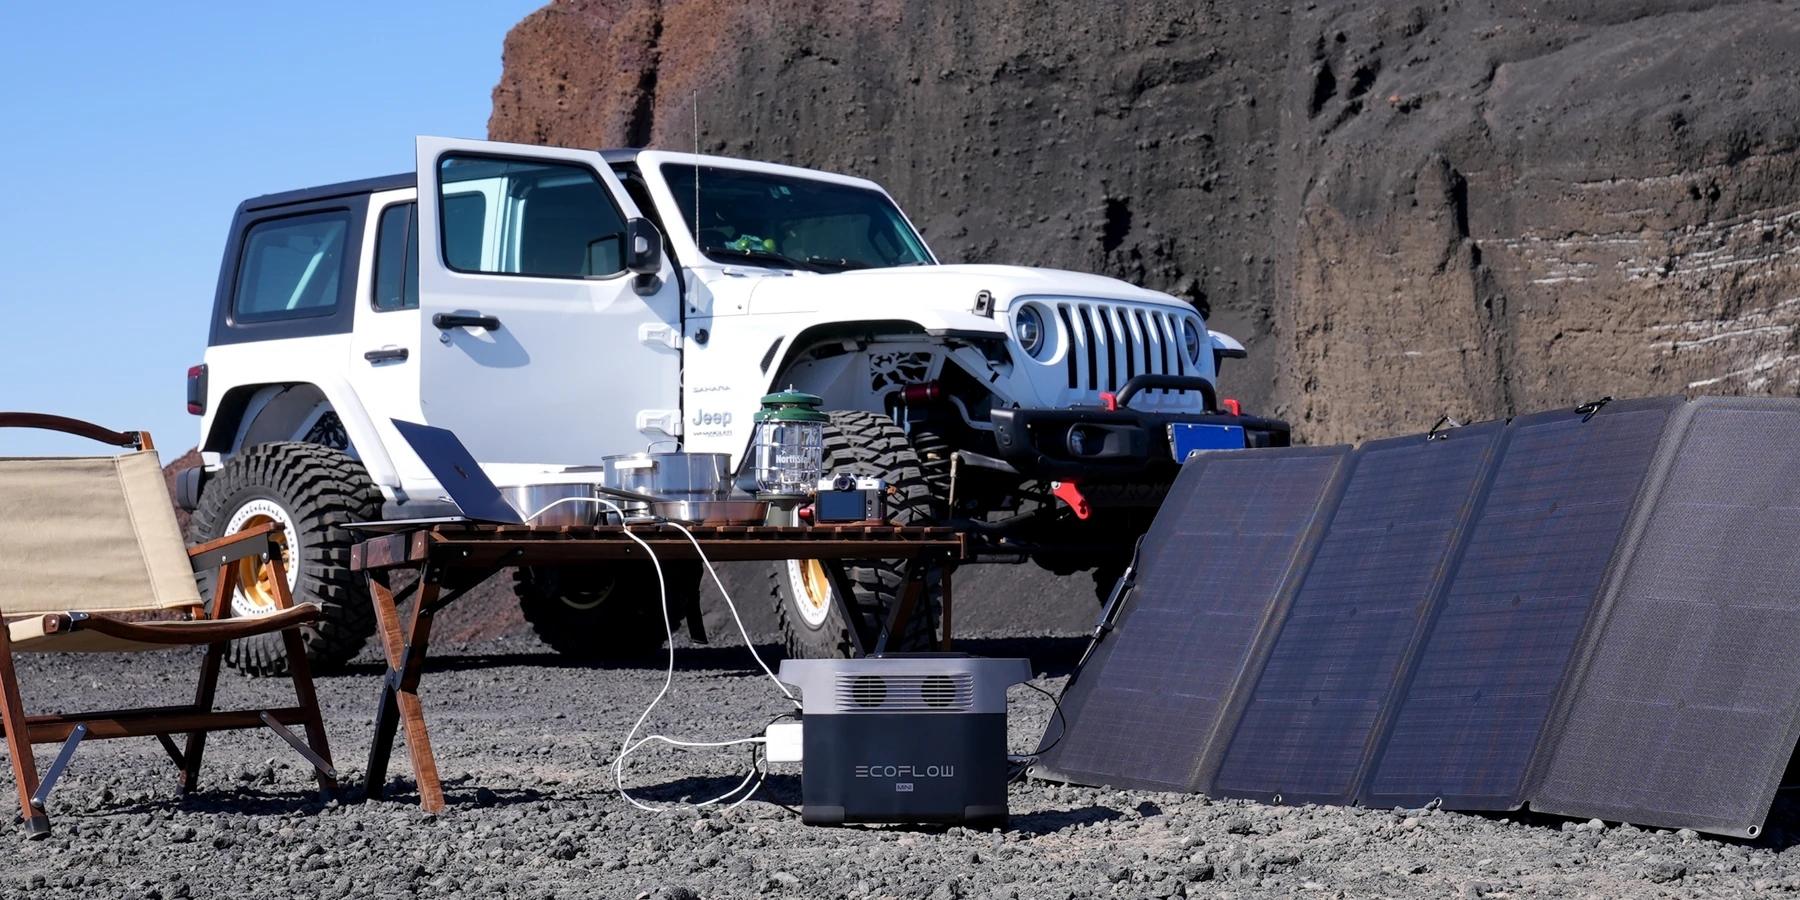 Station de charge Delta Mini - EcoFlow